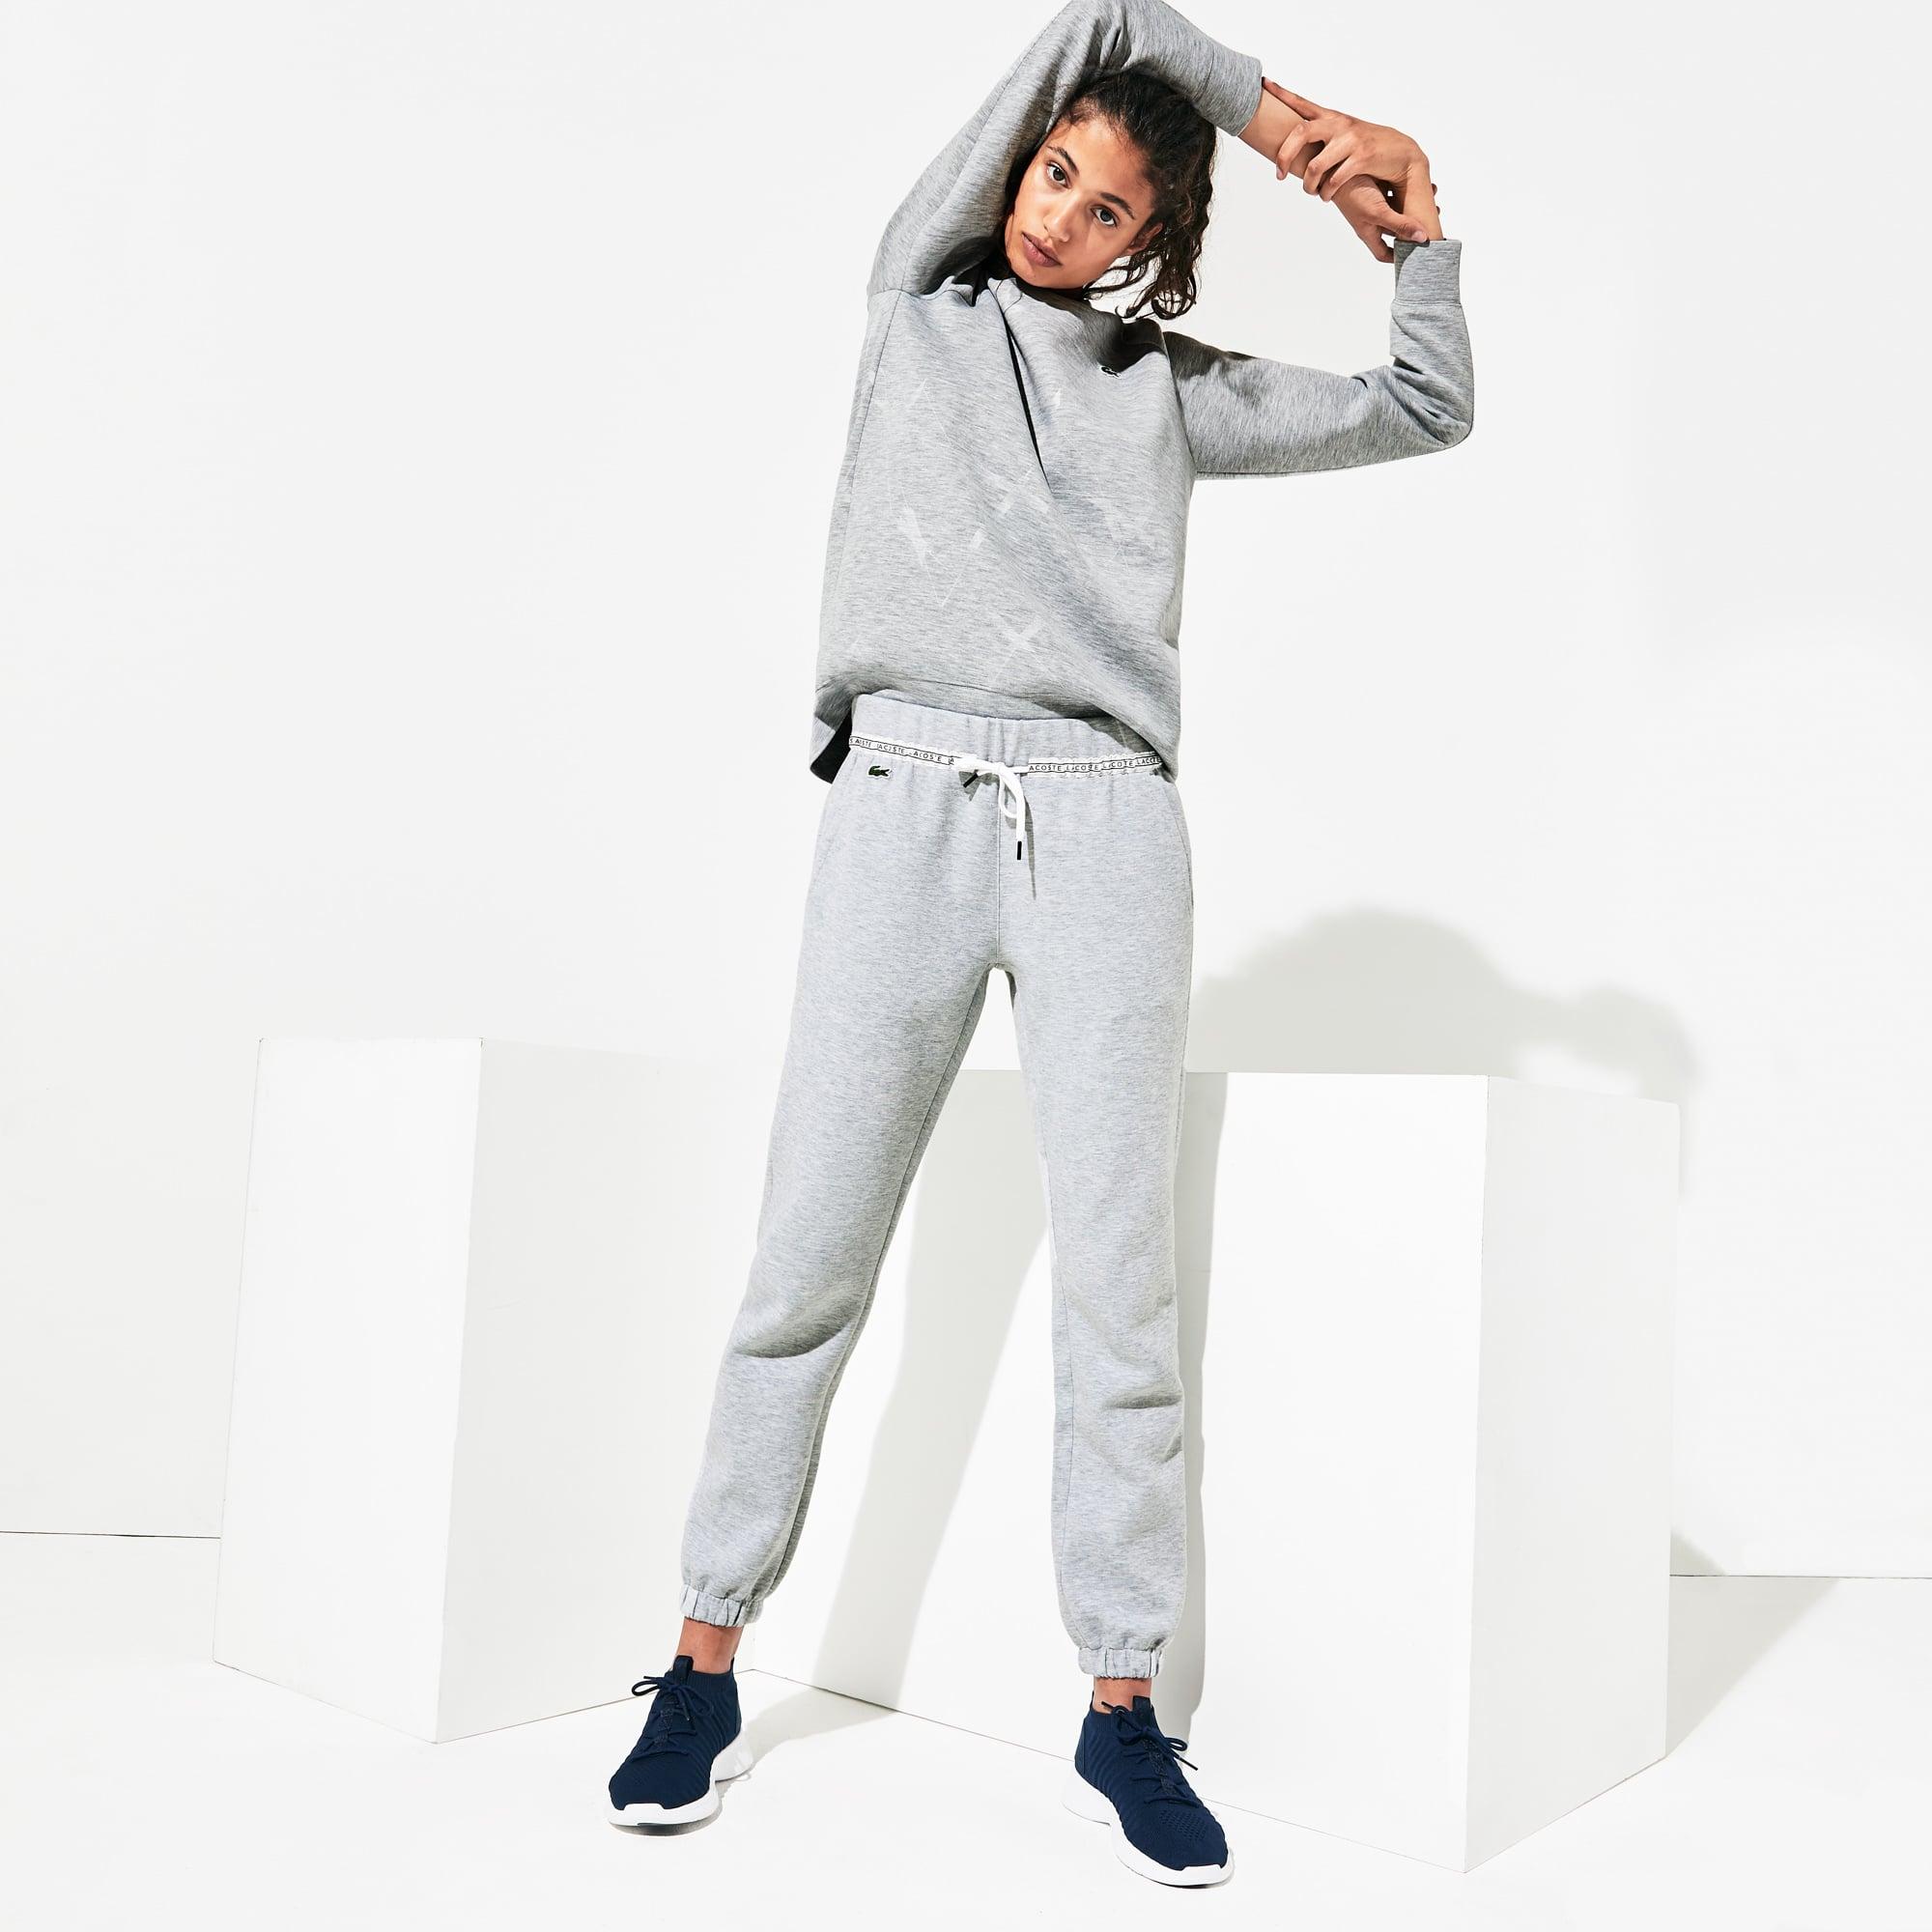 0ffe8407a3 Women's SPORT Signature Waistband Fleece Sweatpants